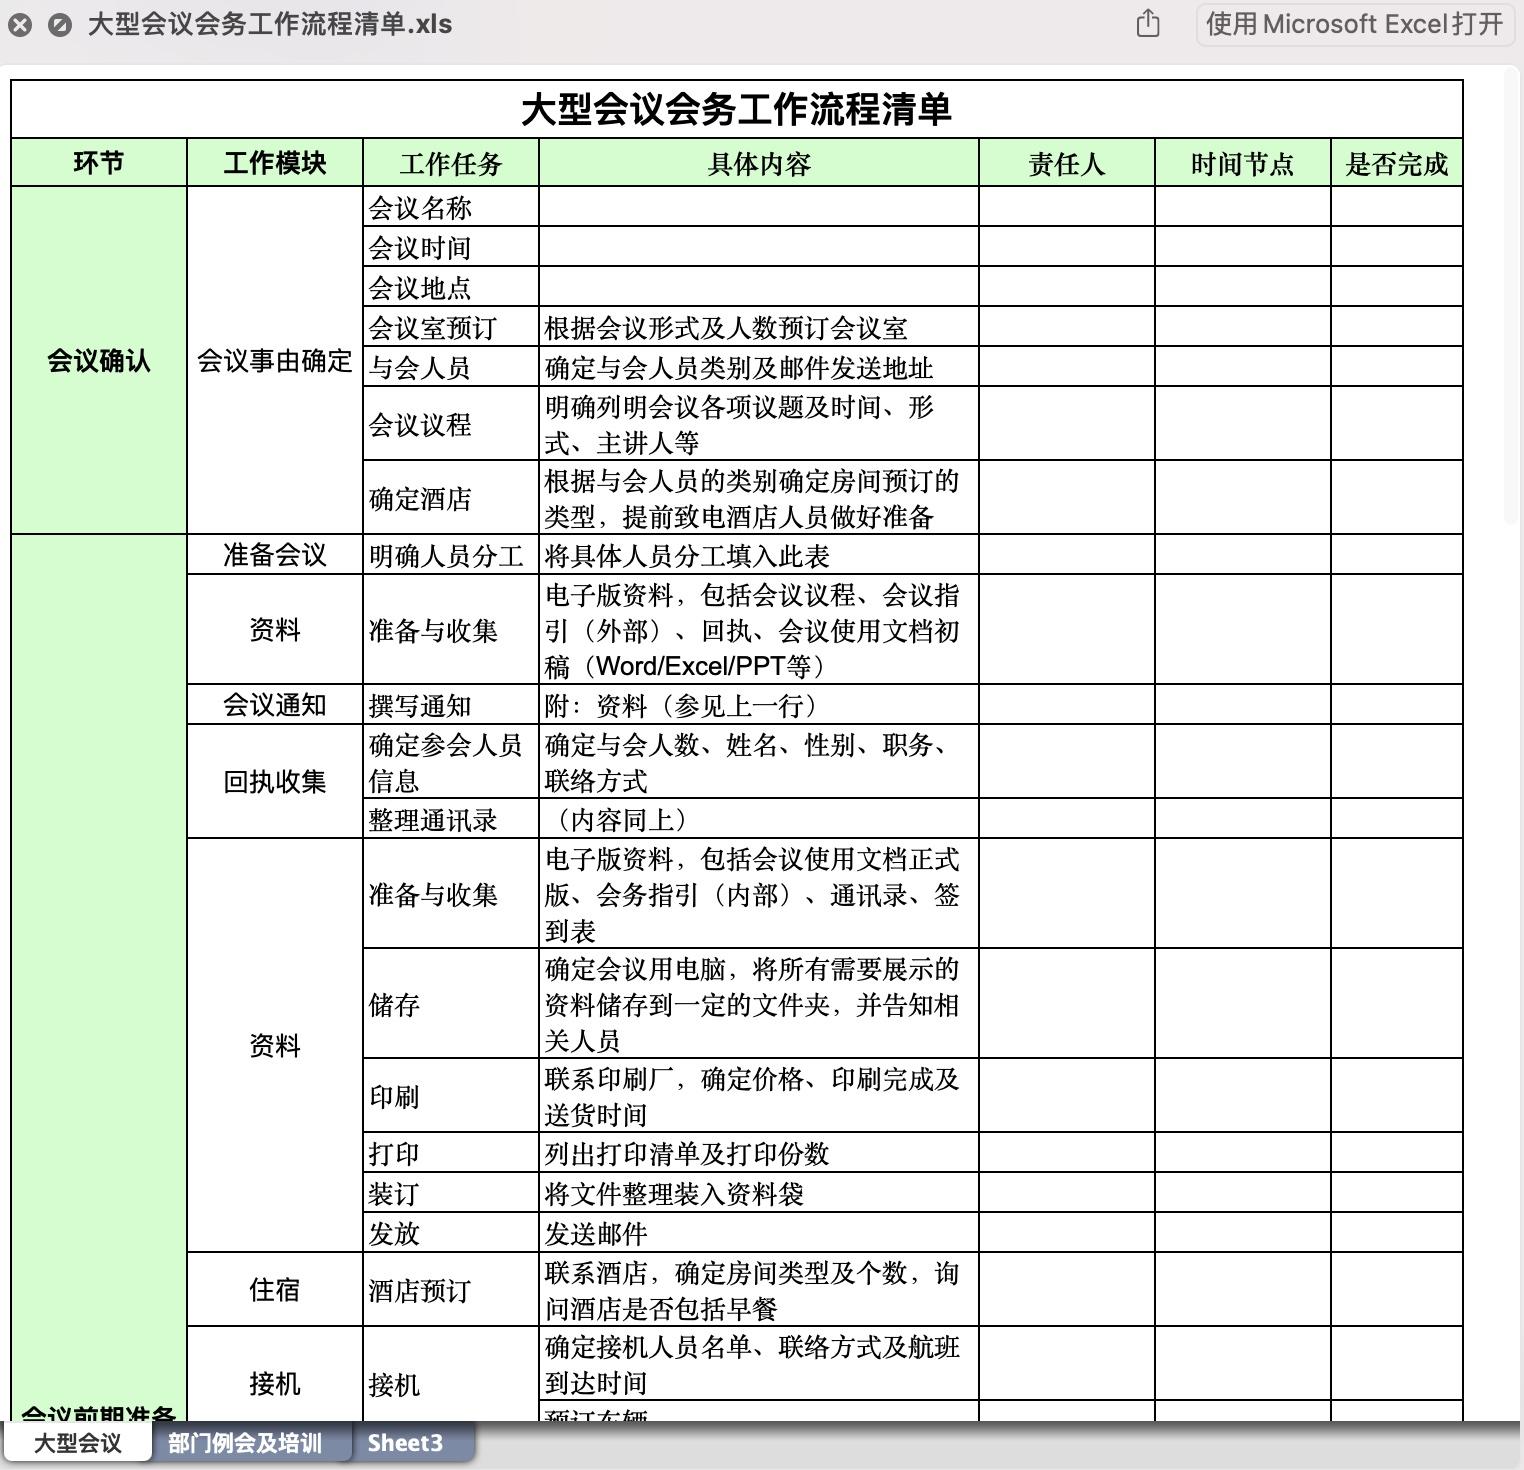 大型会议会务工作流程清单EXCEL表格